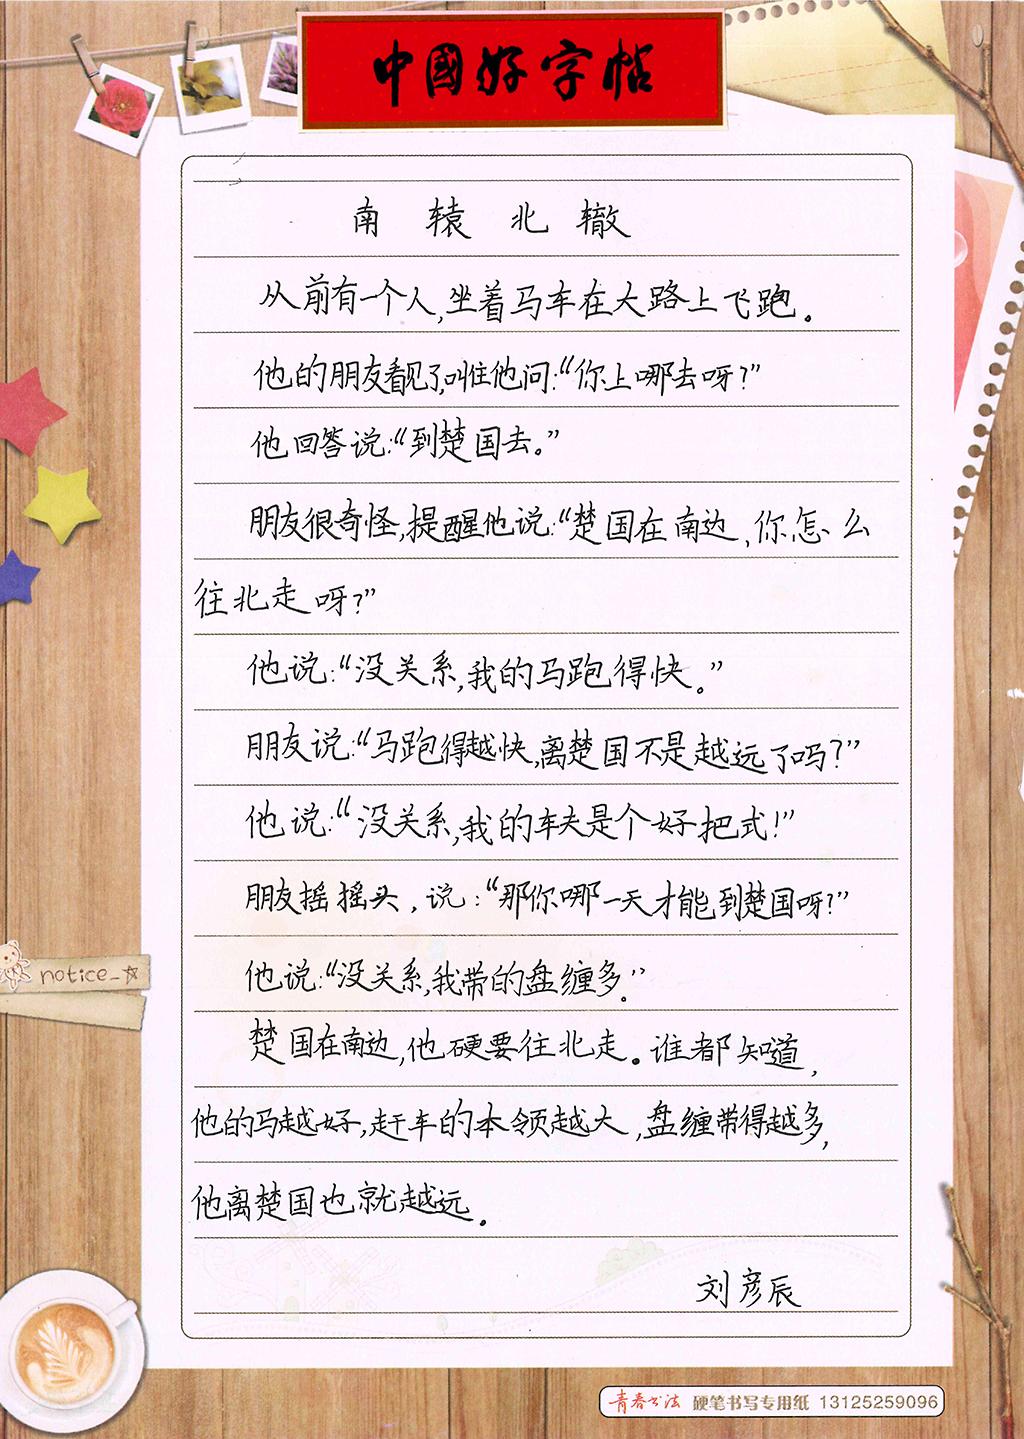 刘彦辰 小学高年级组 三等奖